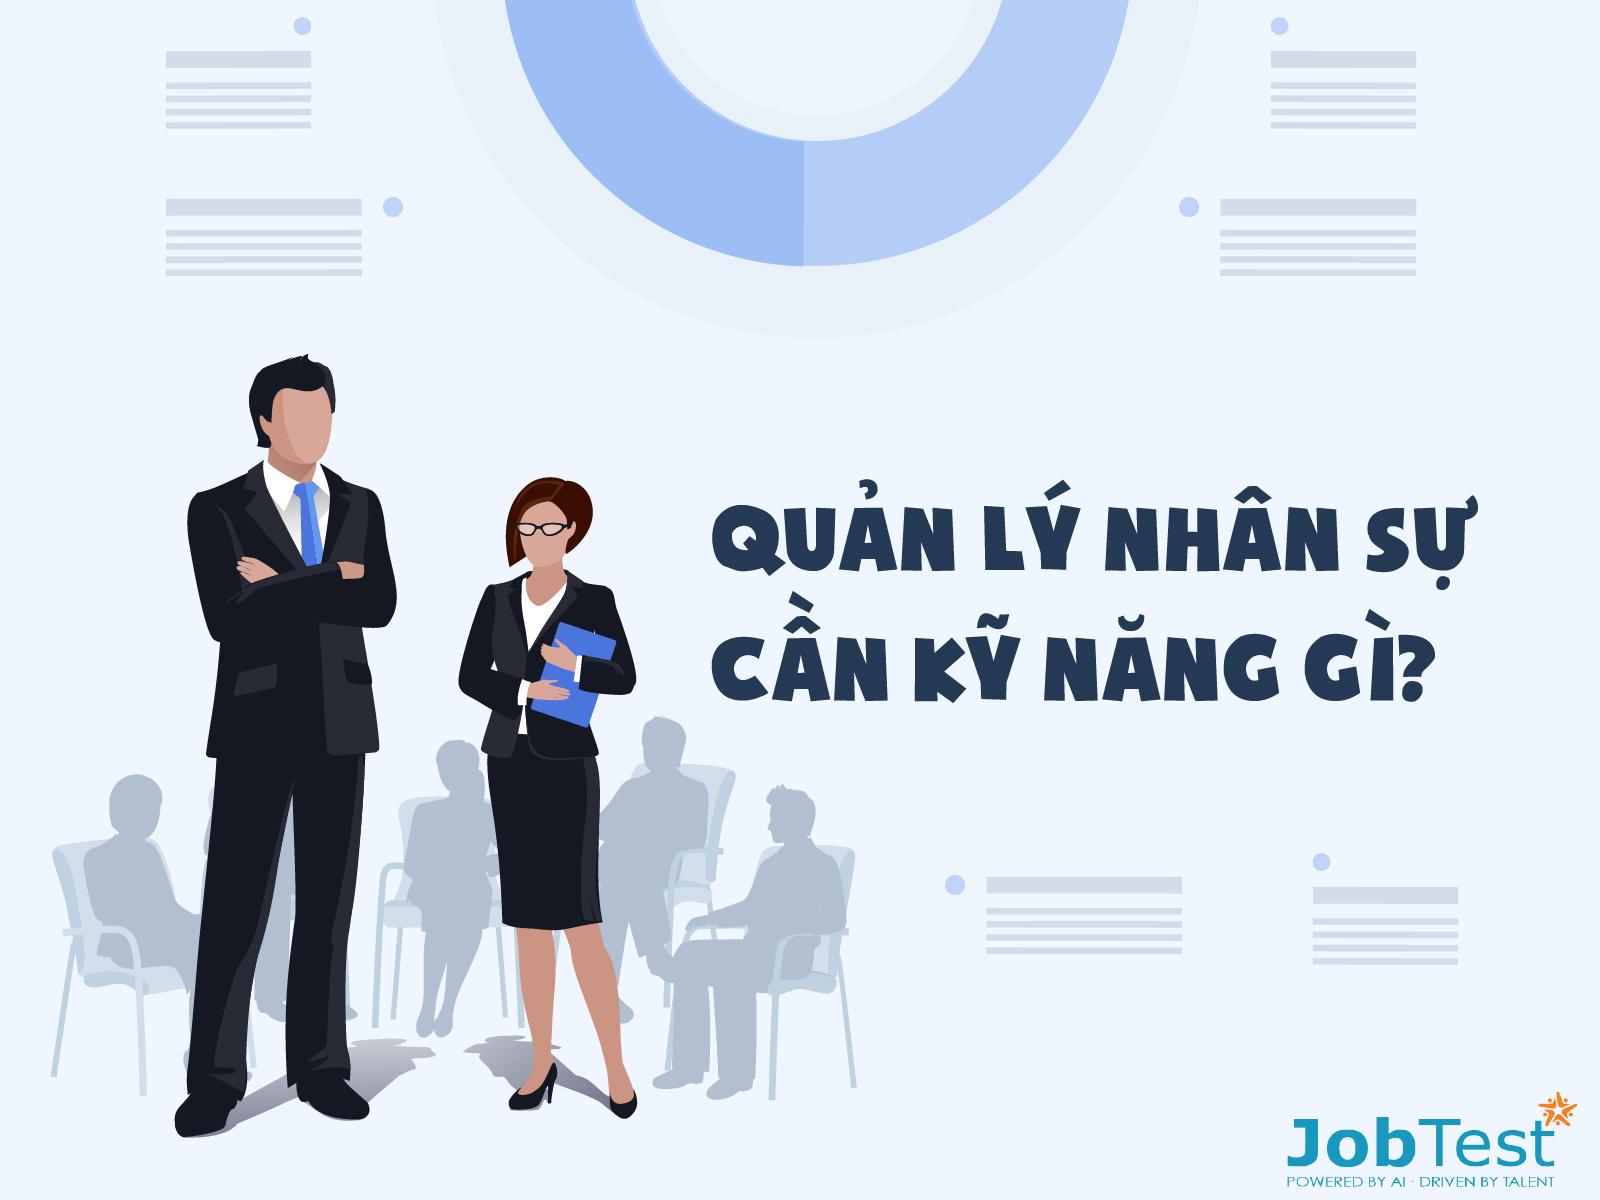 Quản lý nhân sự cần kỹ năng gì?